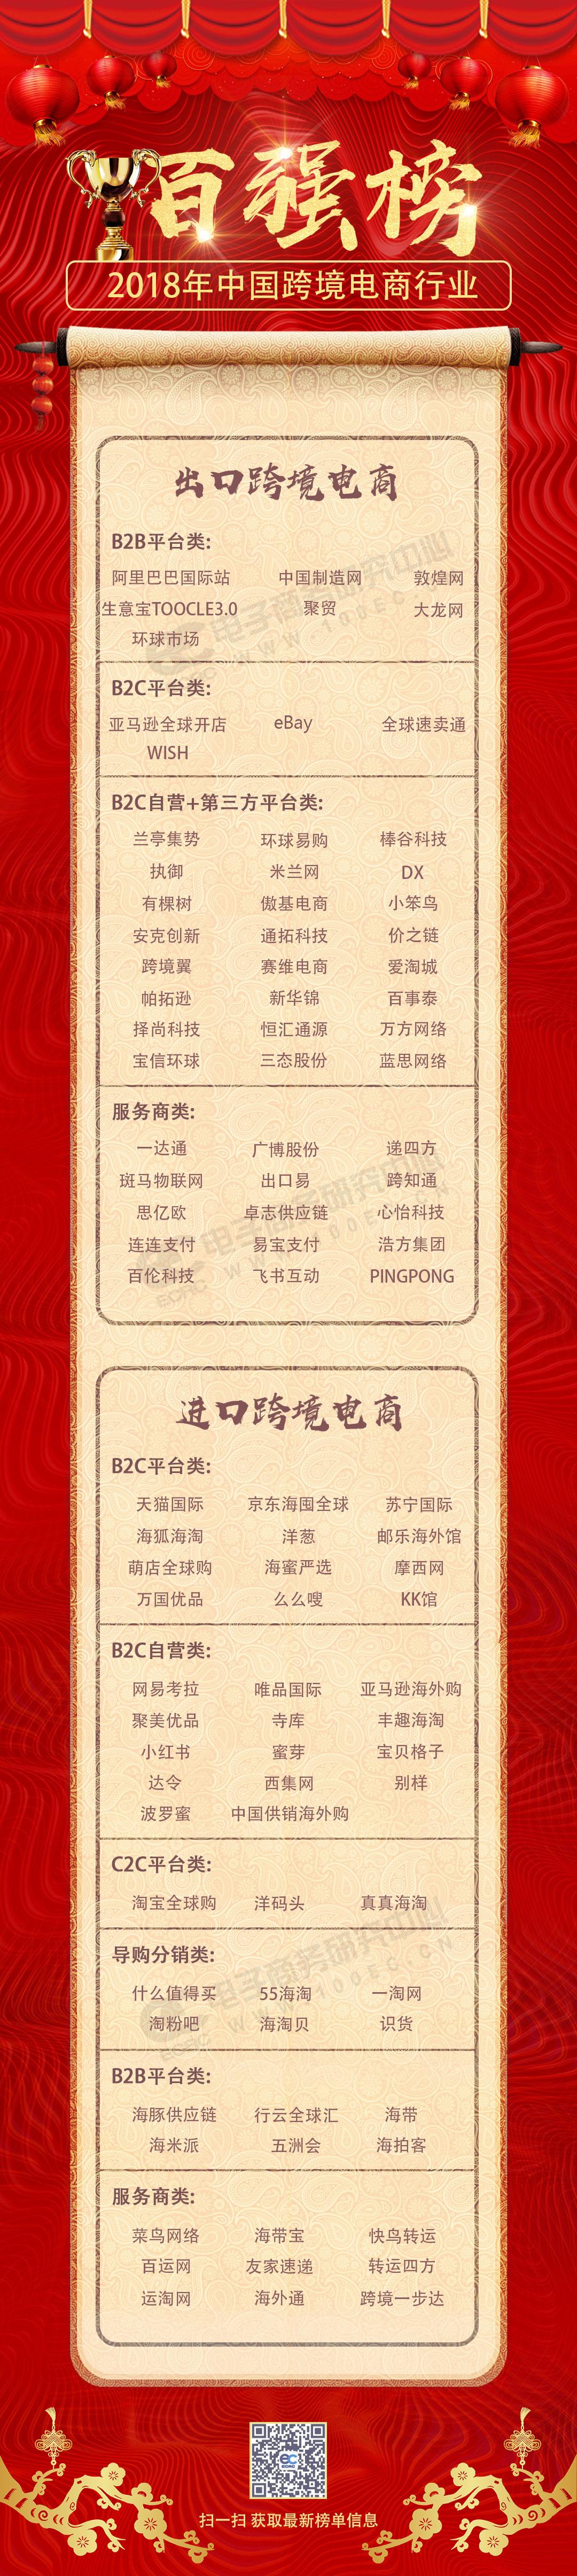 金沙澳门官网jin5888 1